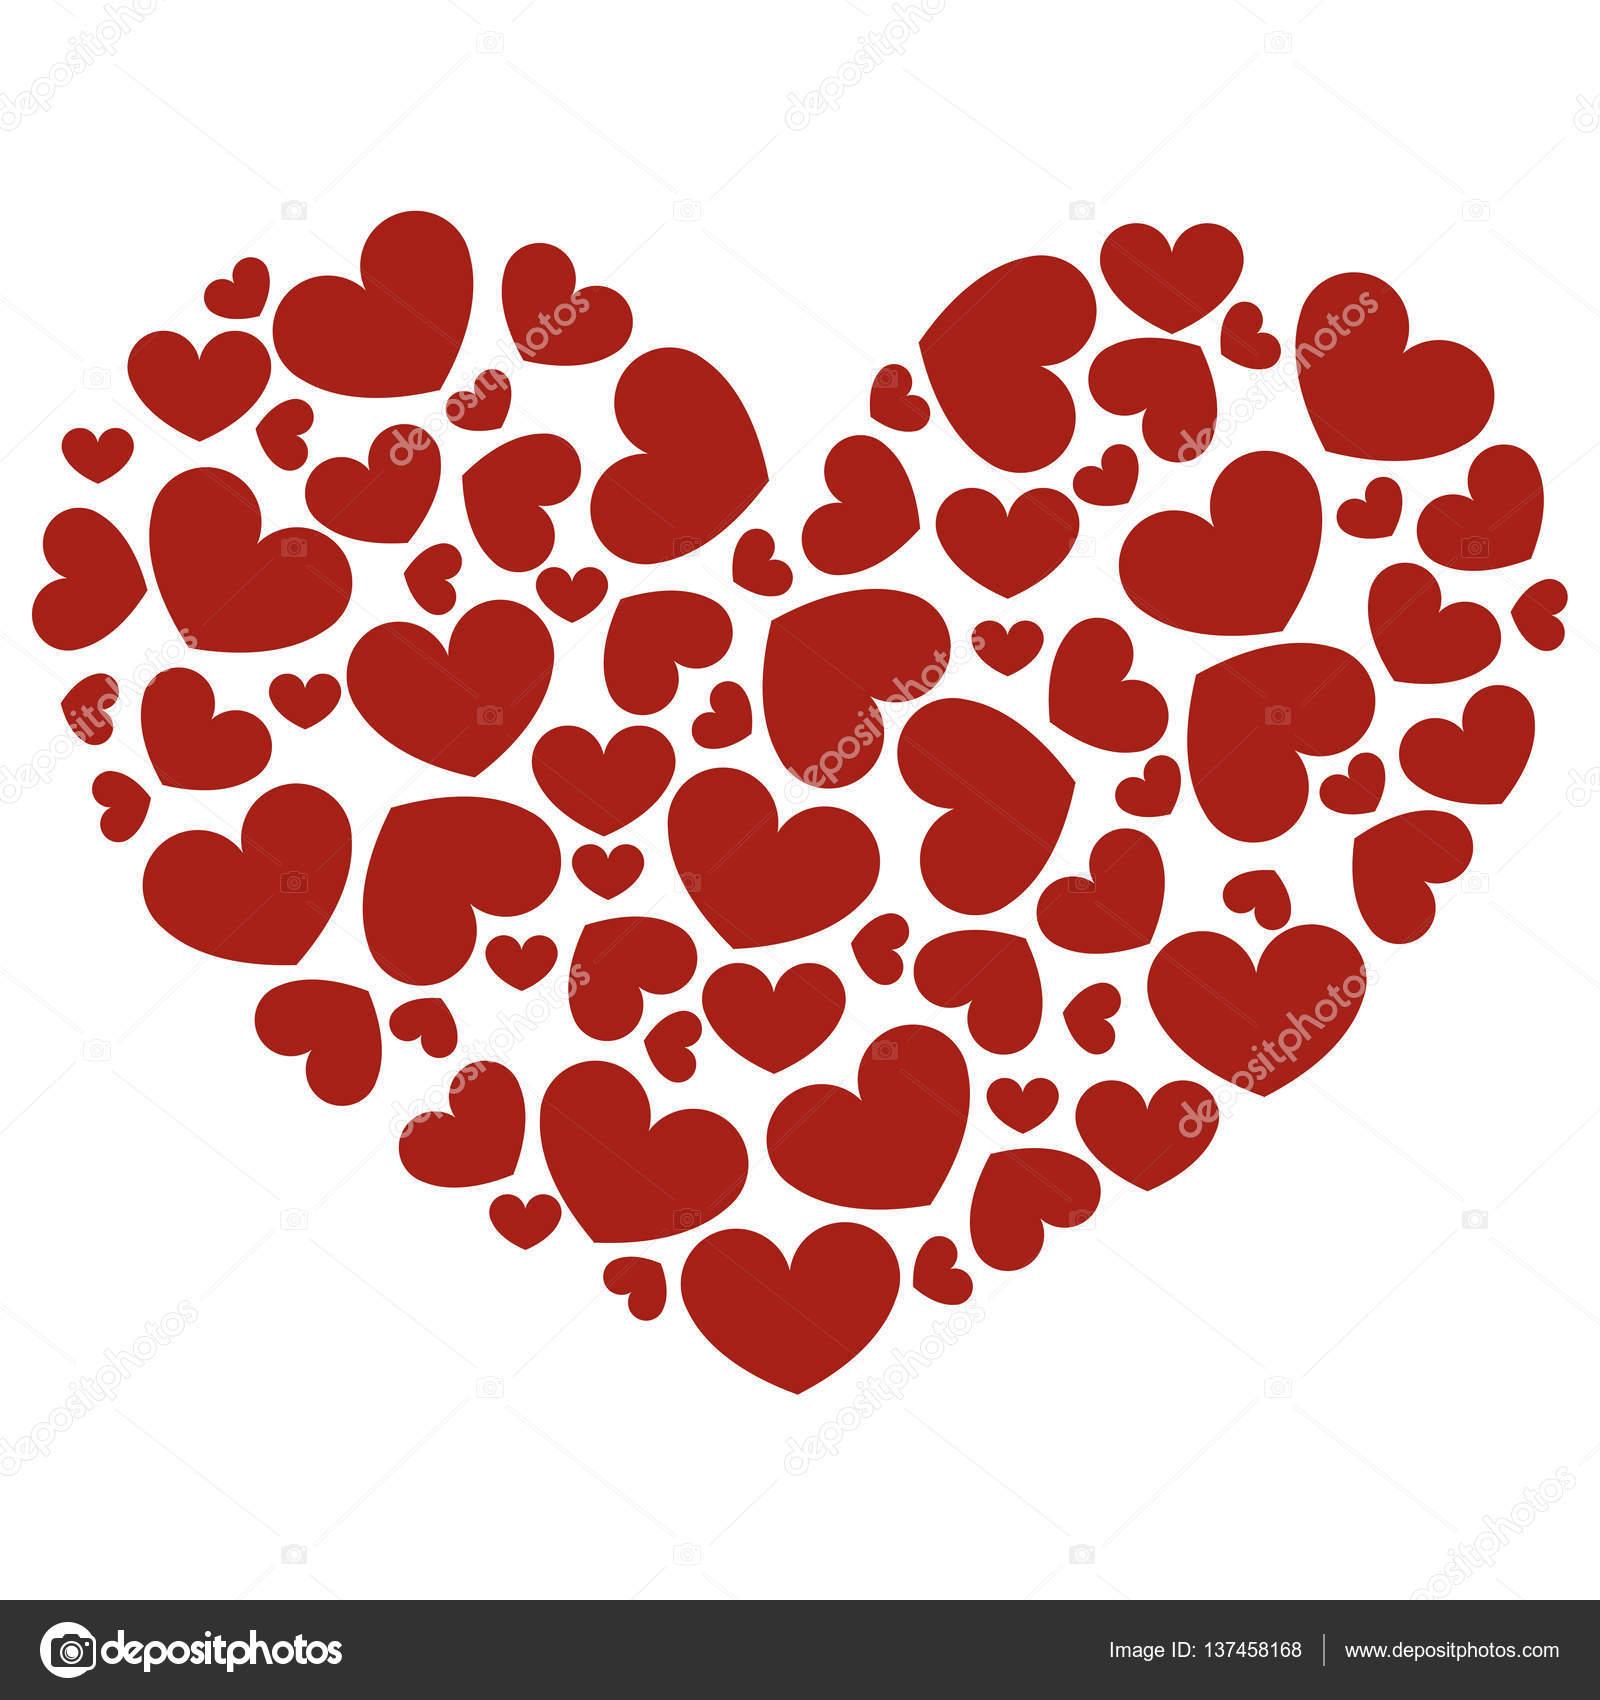 Icono De Corazón Hecho De Corazones Rojos Sobre Fondo Blanco Patrón